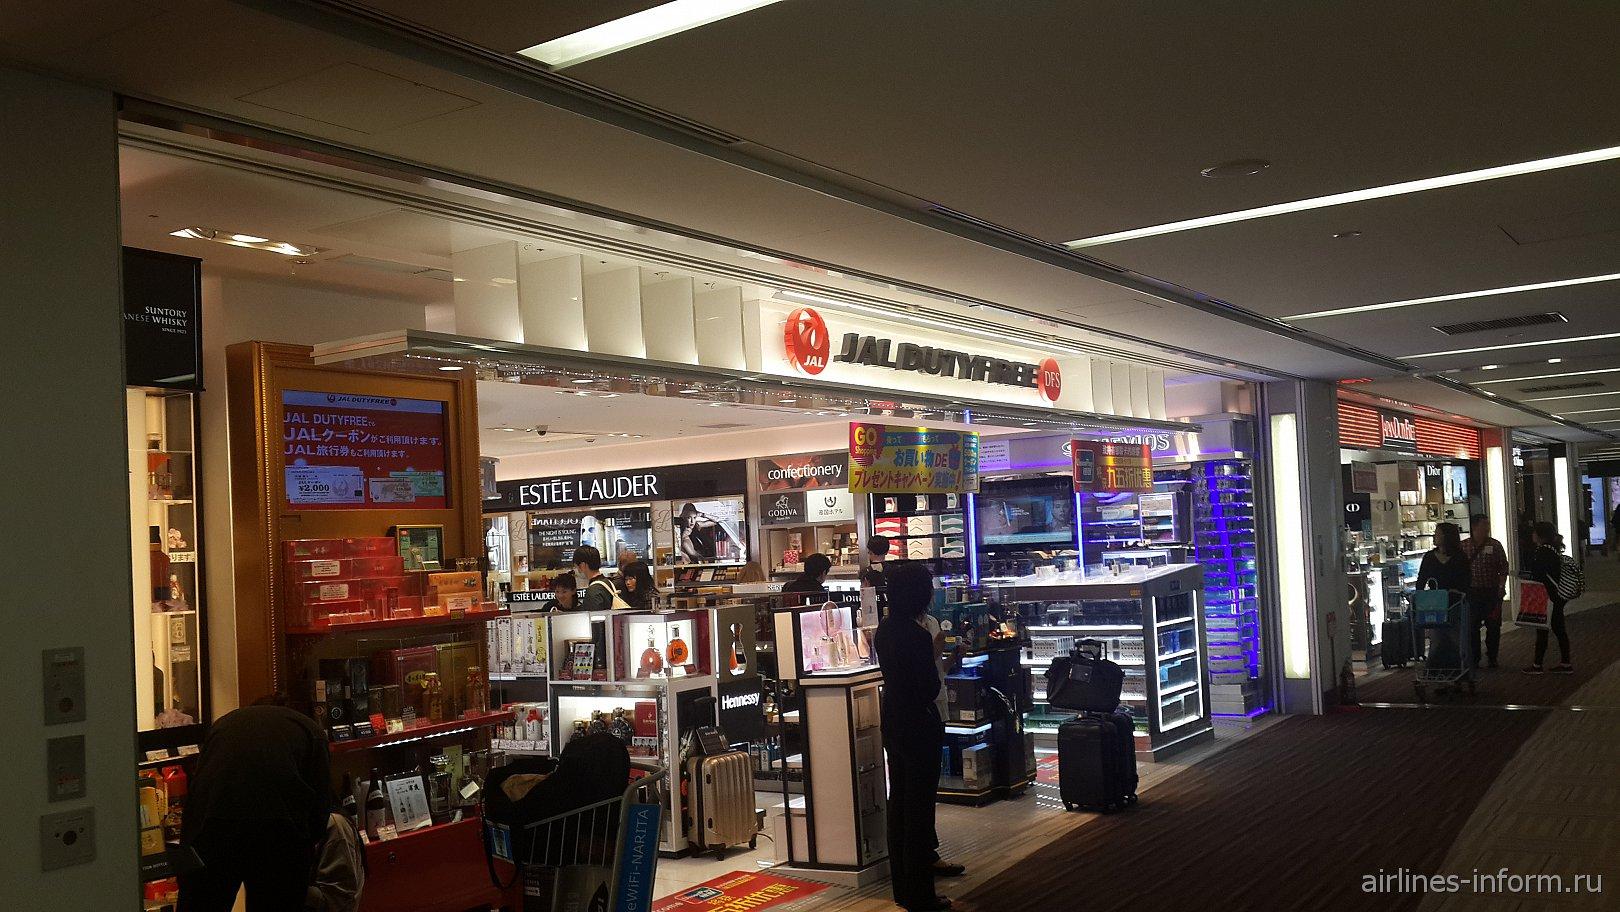 Магазин JAL Duty Free в аэропорту Токио Нарита